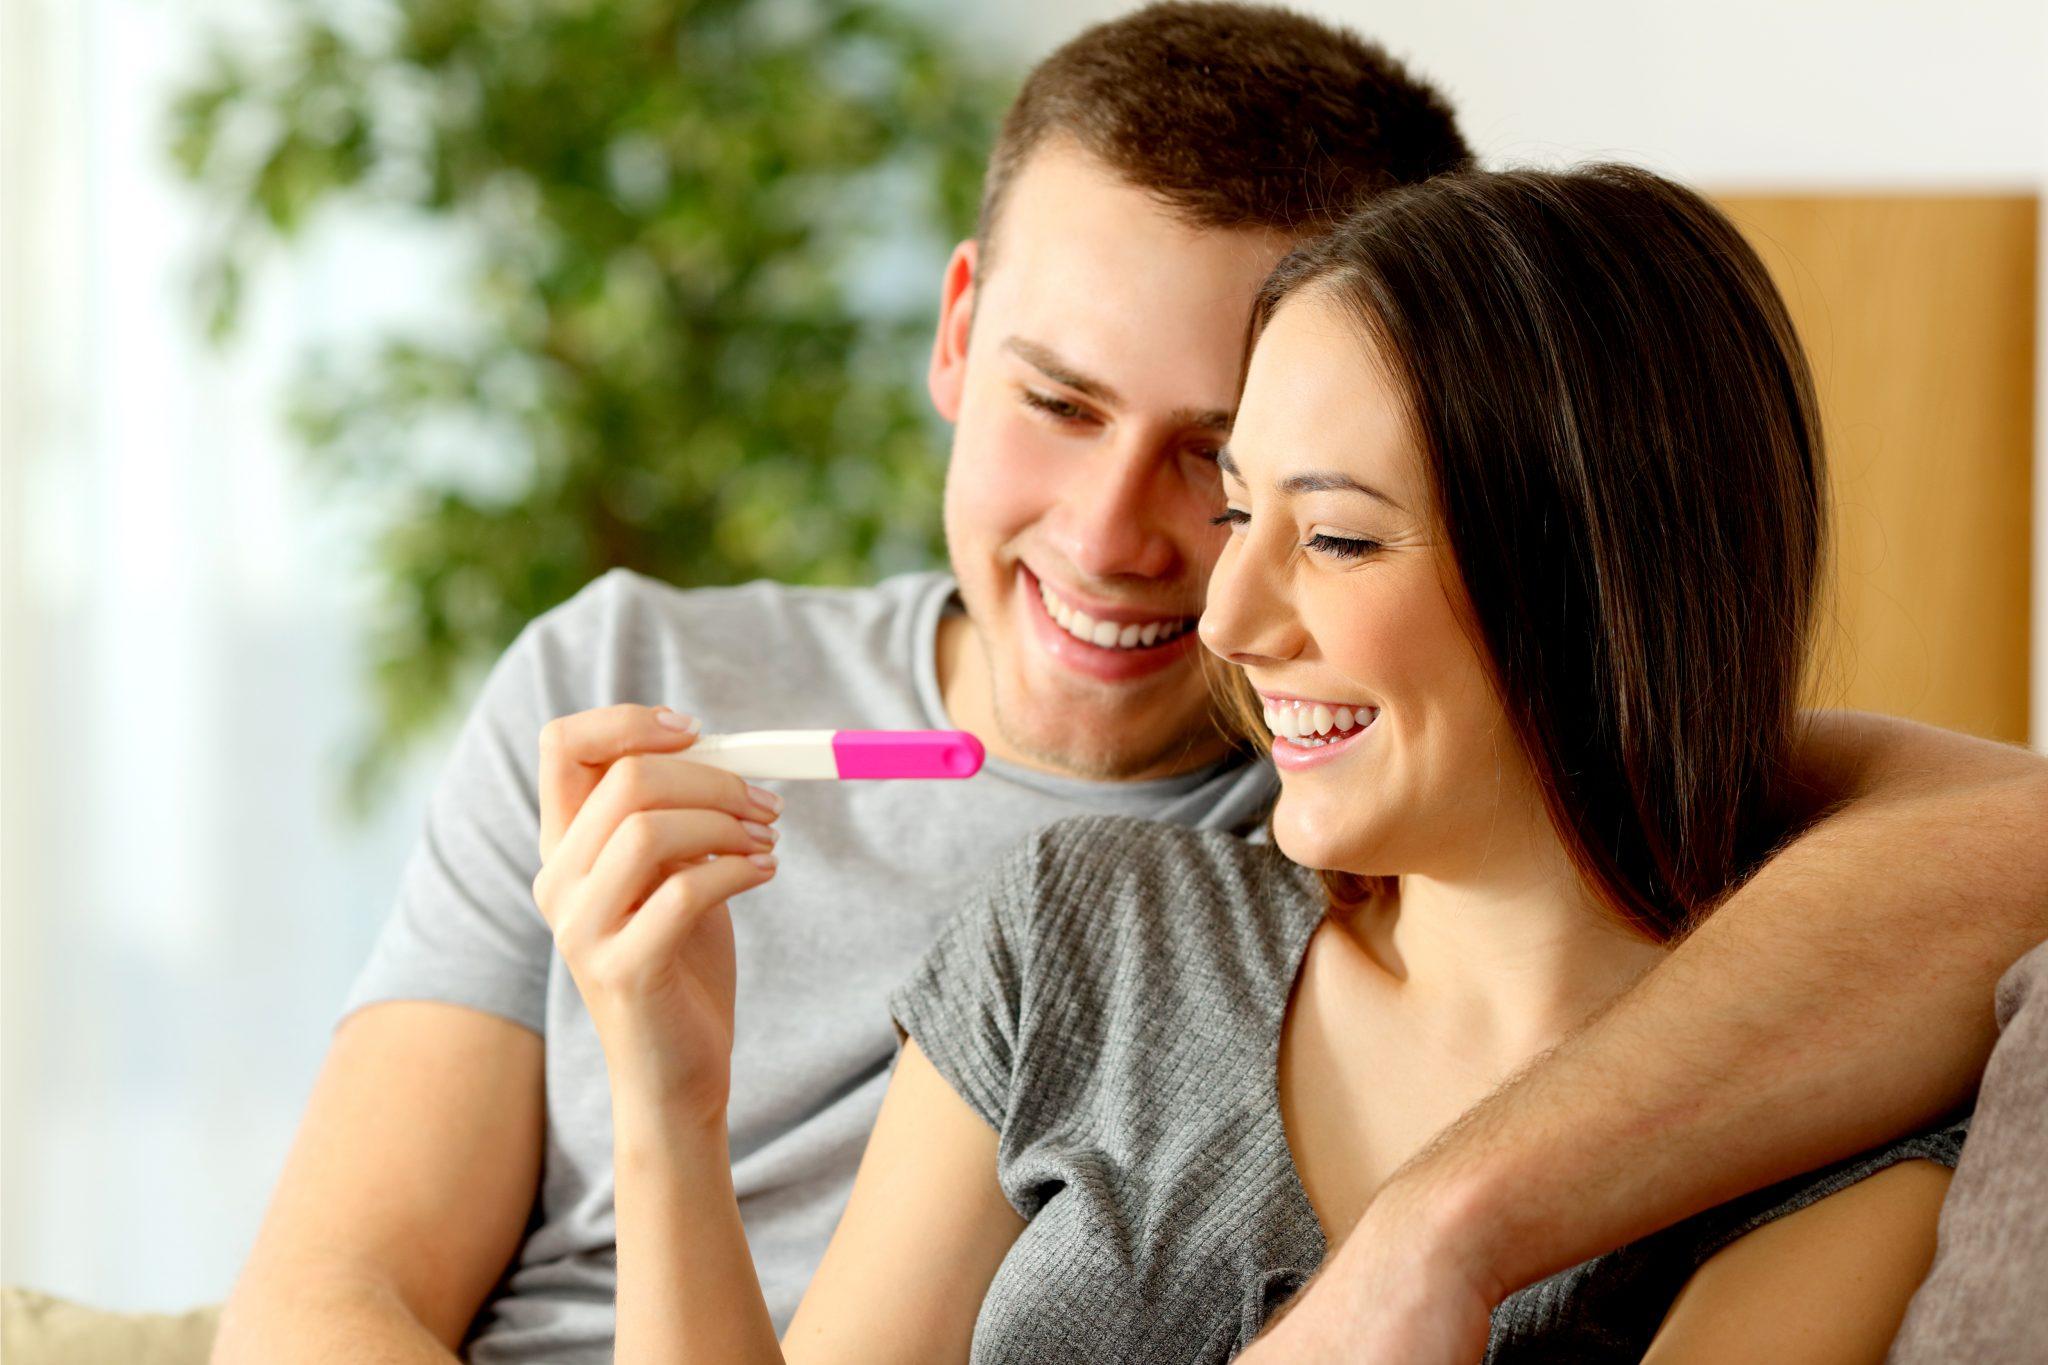 妊娠検査薬をを確認しているカップル